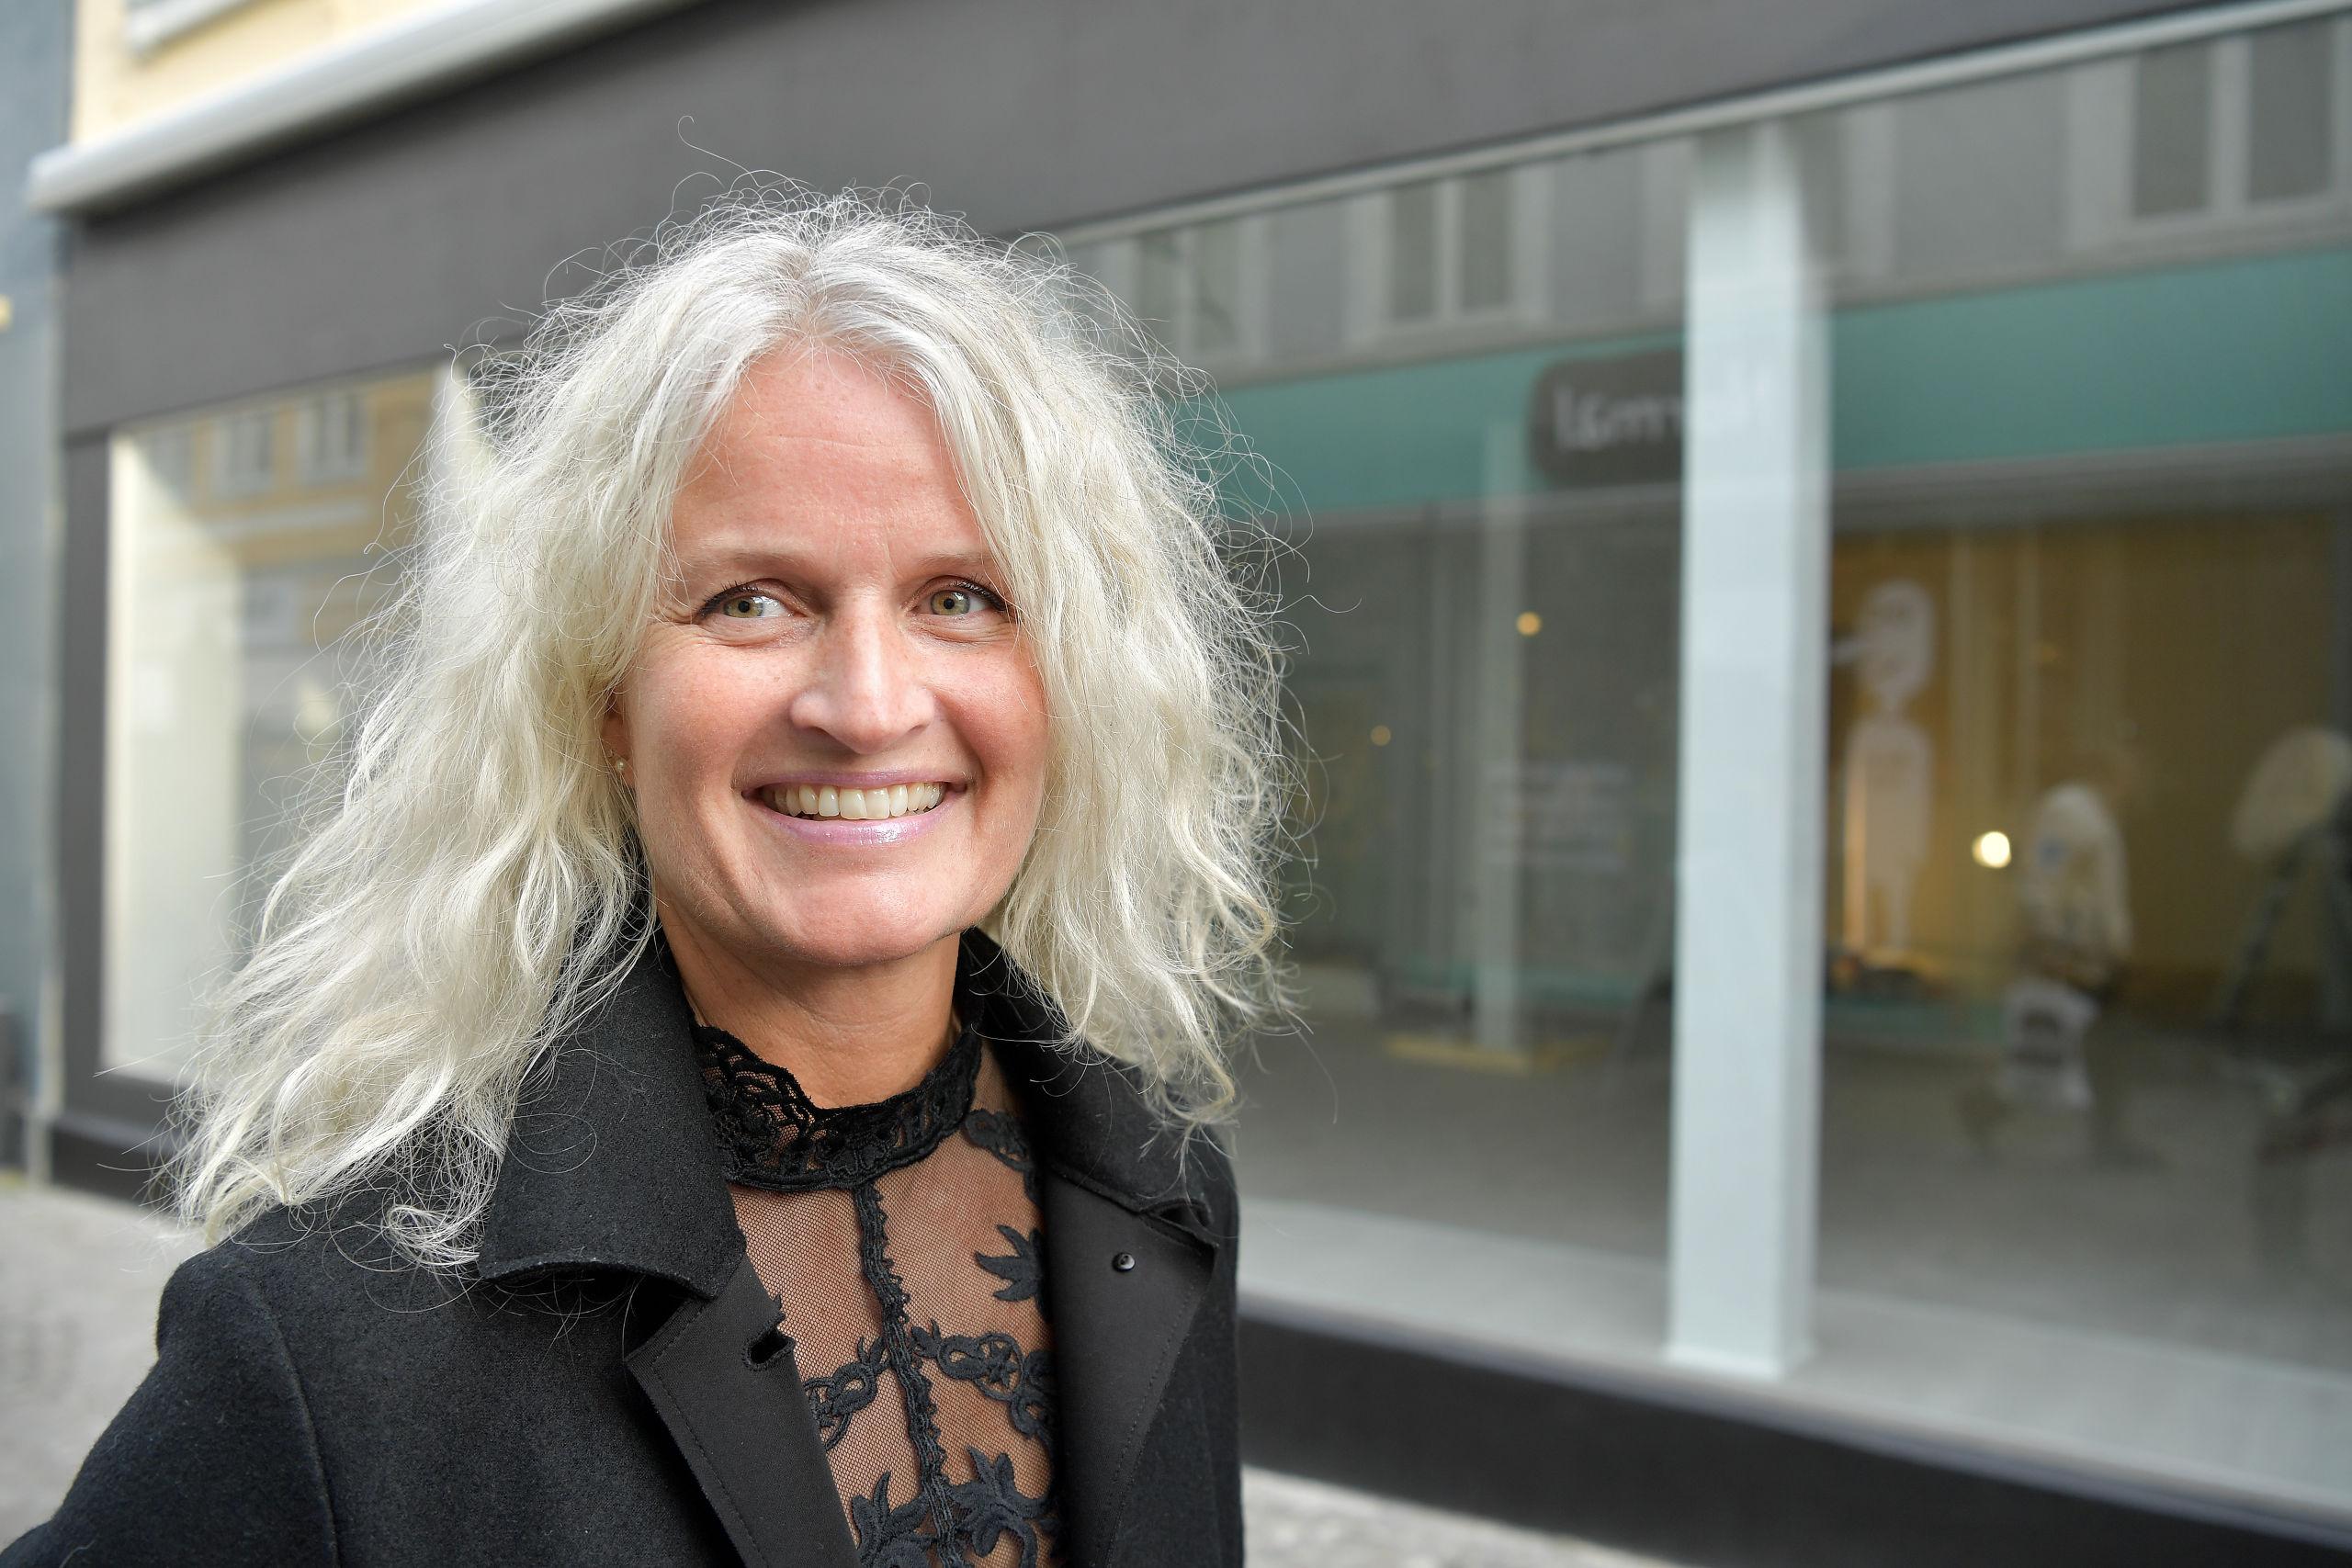 Karina Lundtoft sætter kunderne i centrum, og hun lægger vægt på, at det skal være en god oplevelse at besøge hendes forretning. Foto: Claus Søndberg